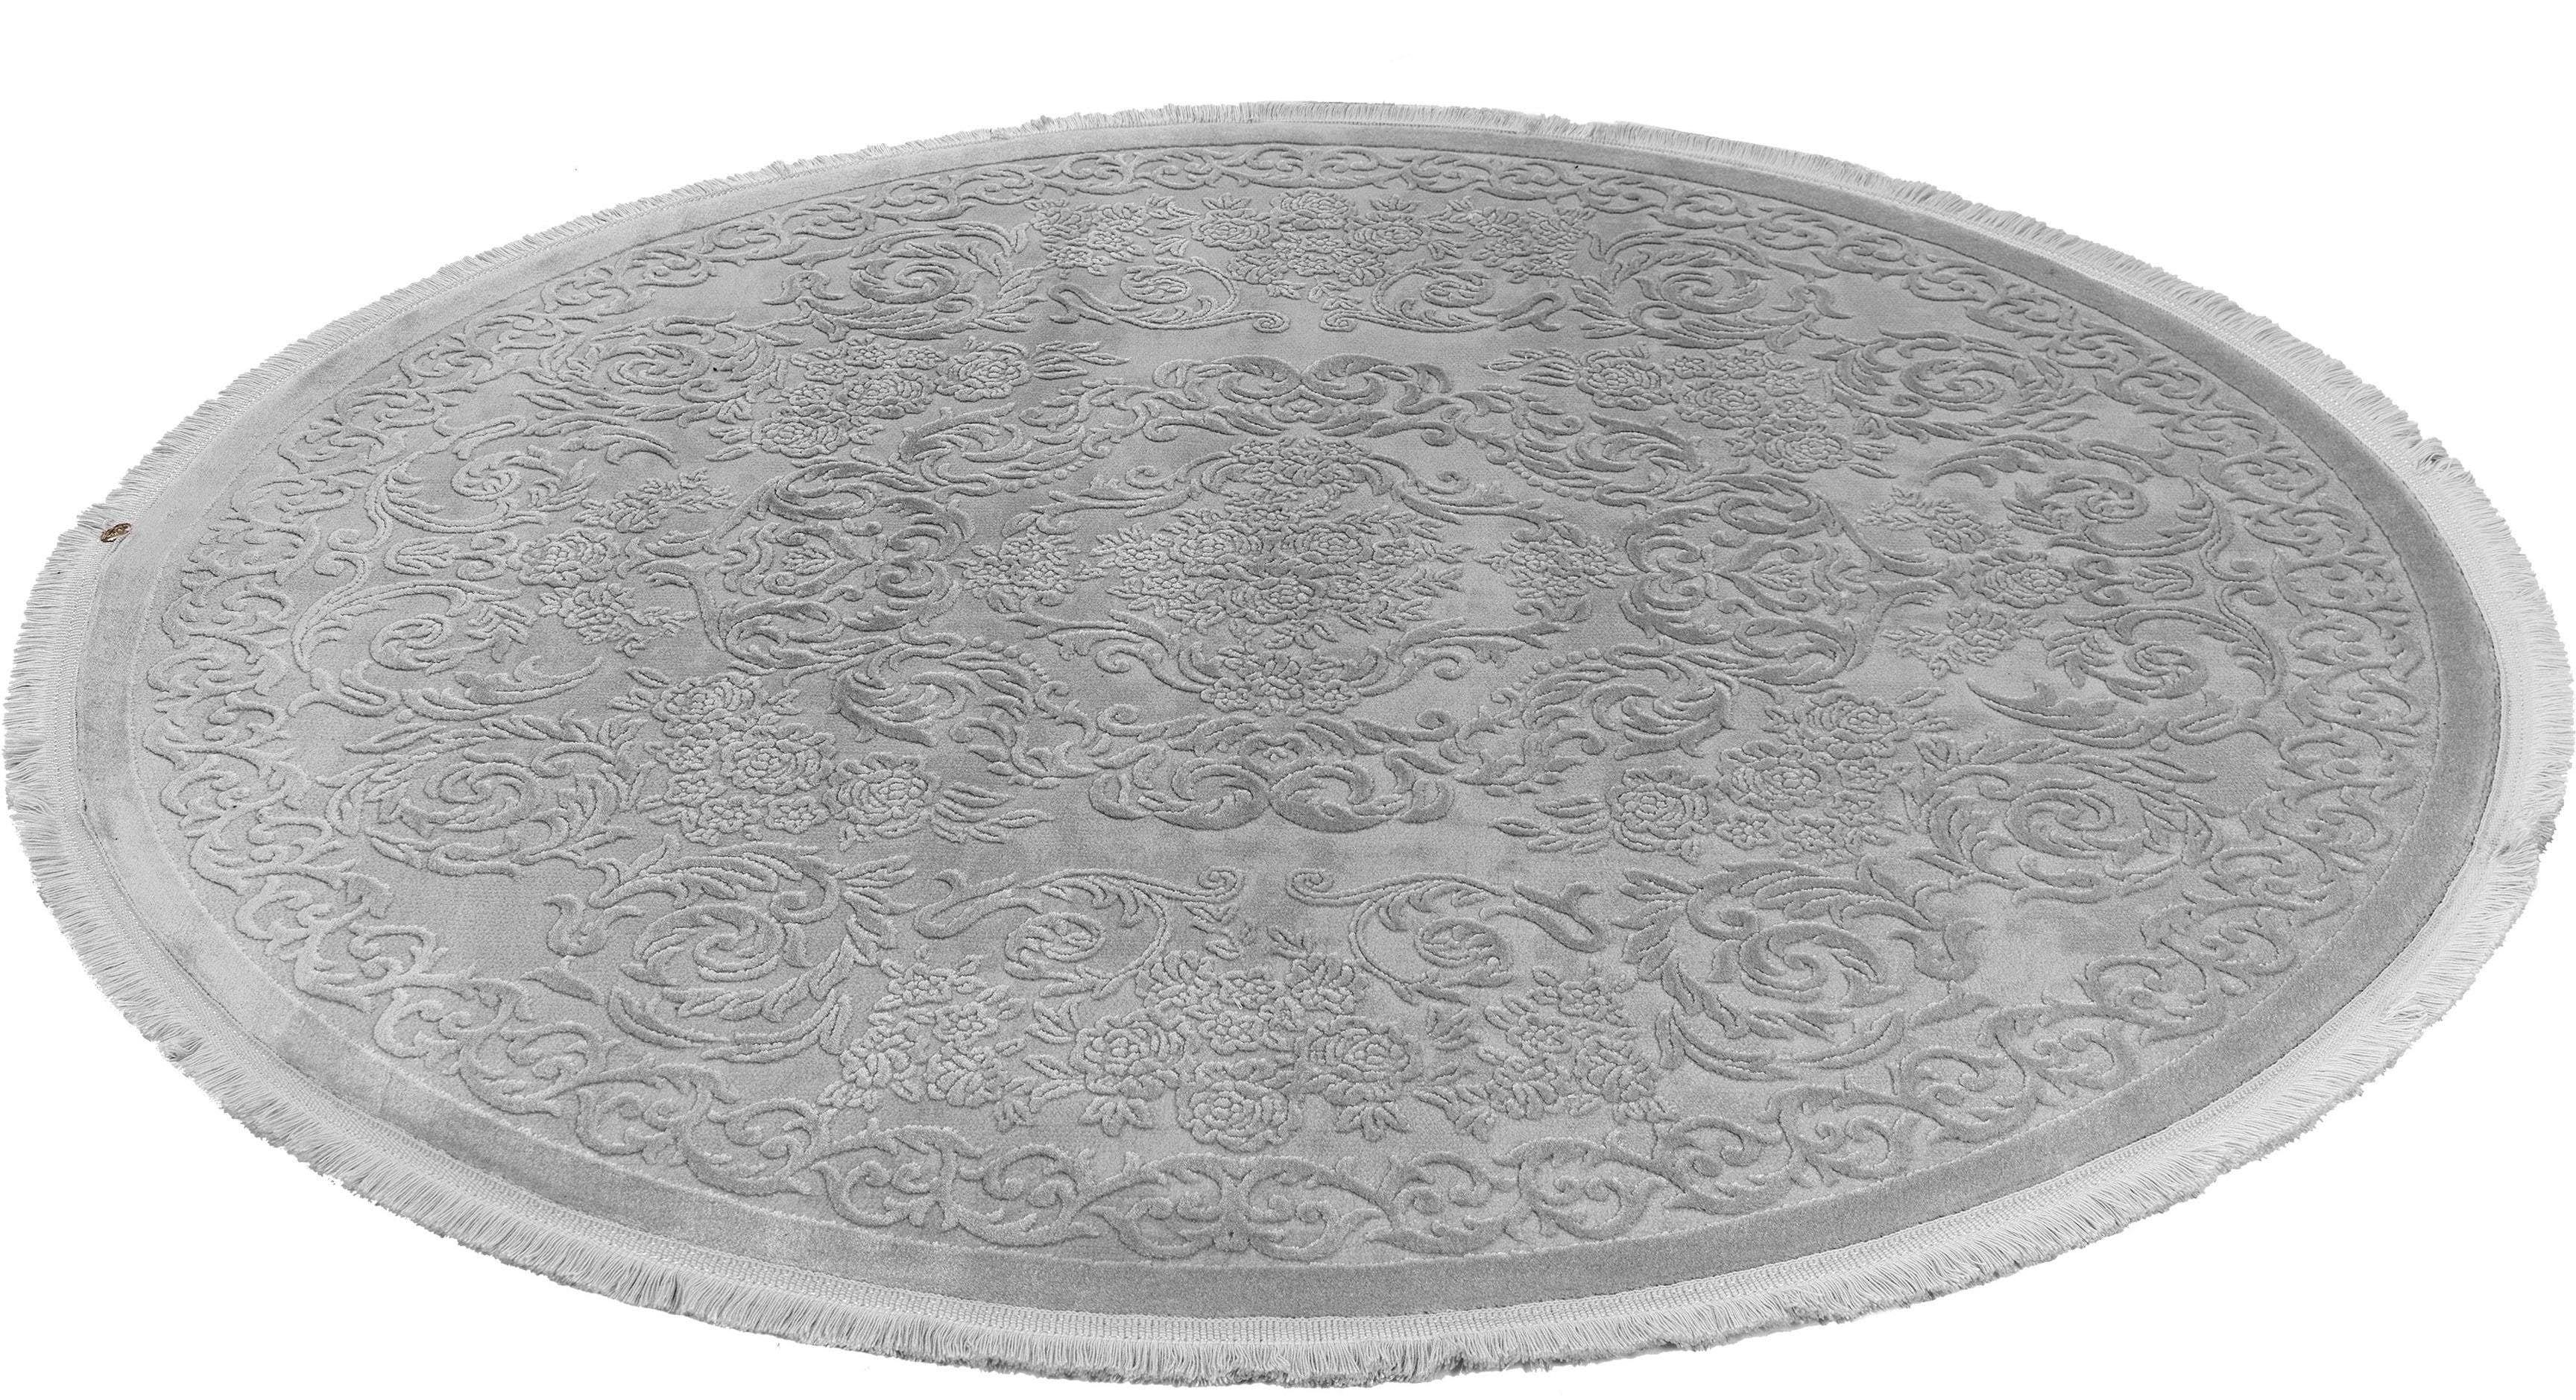 Teppich Arlos 800 calo-deluxe rund Höhe 12 mm maschinell gewebt